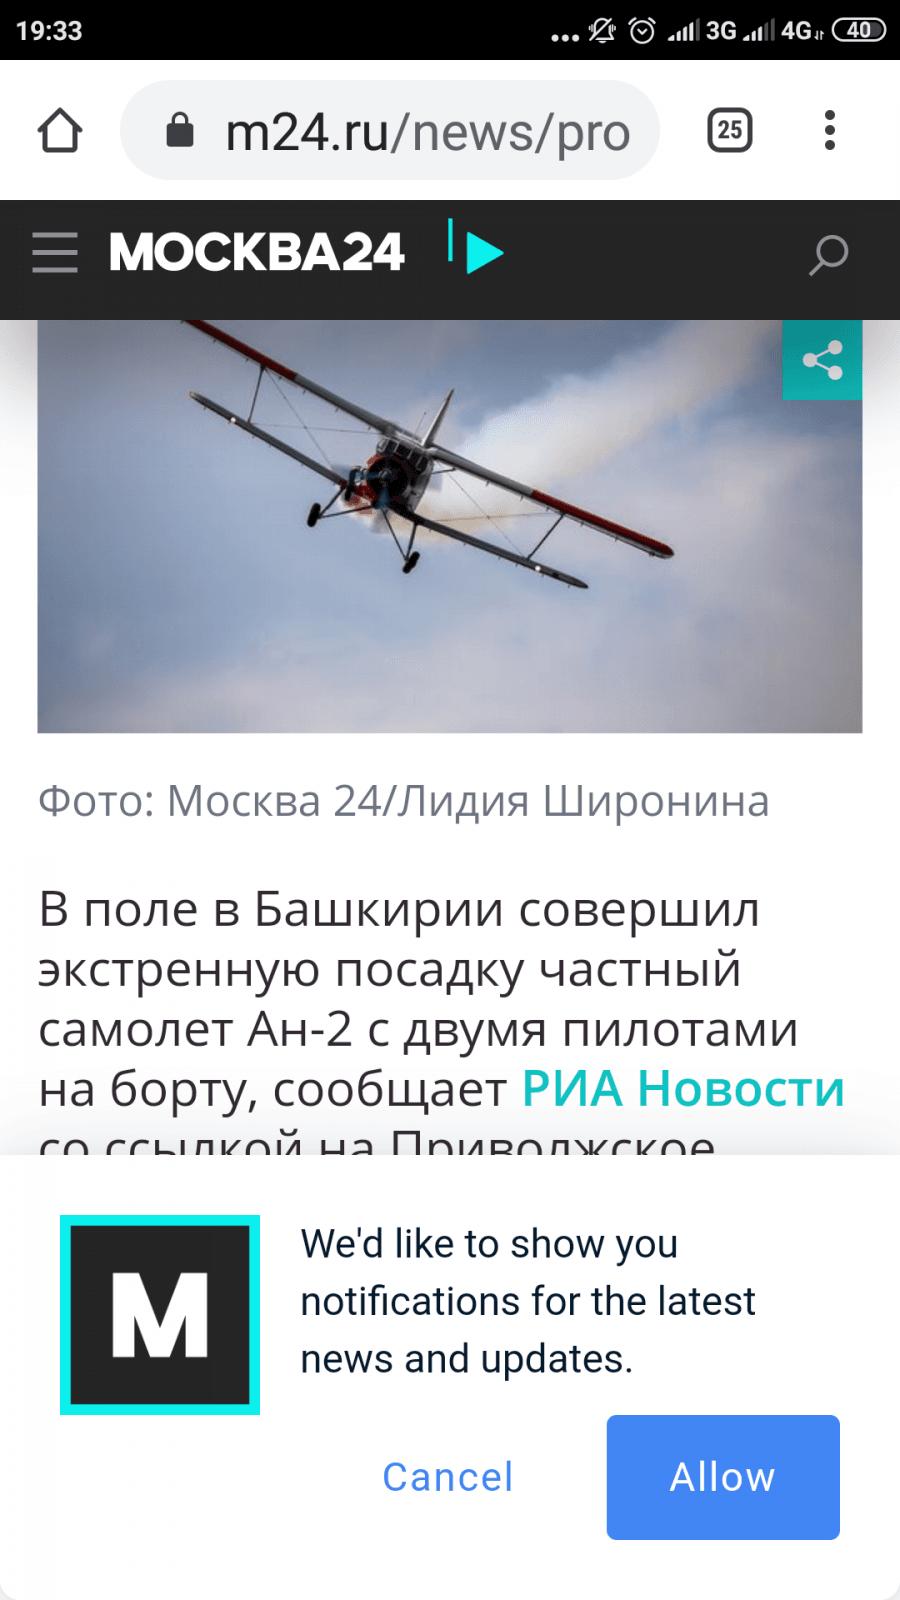 Screenshot_2020-08-24-19-33-49-408_com.android.chrome.png